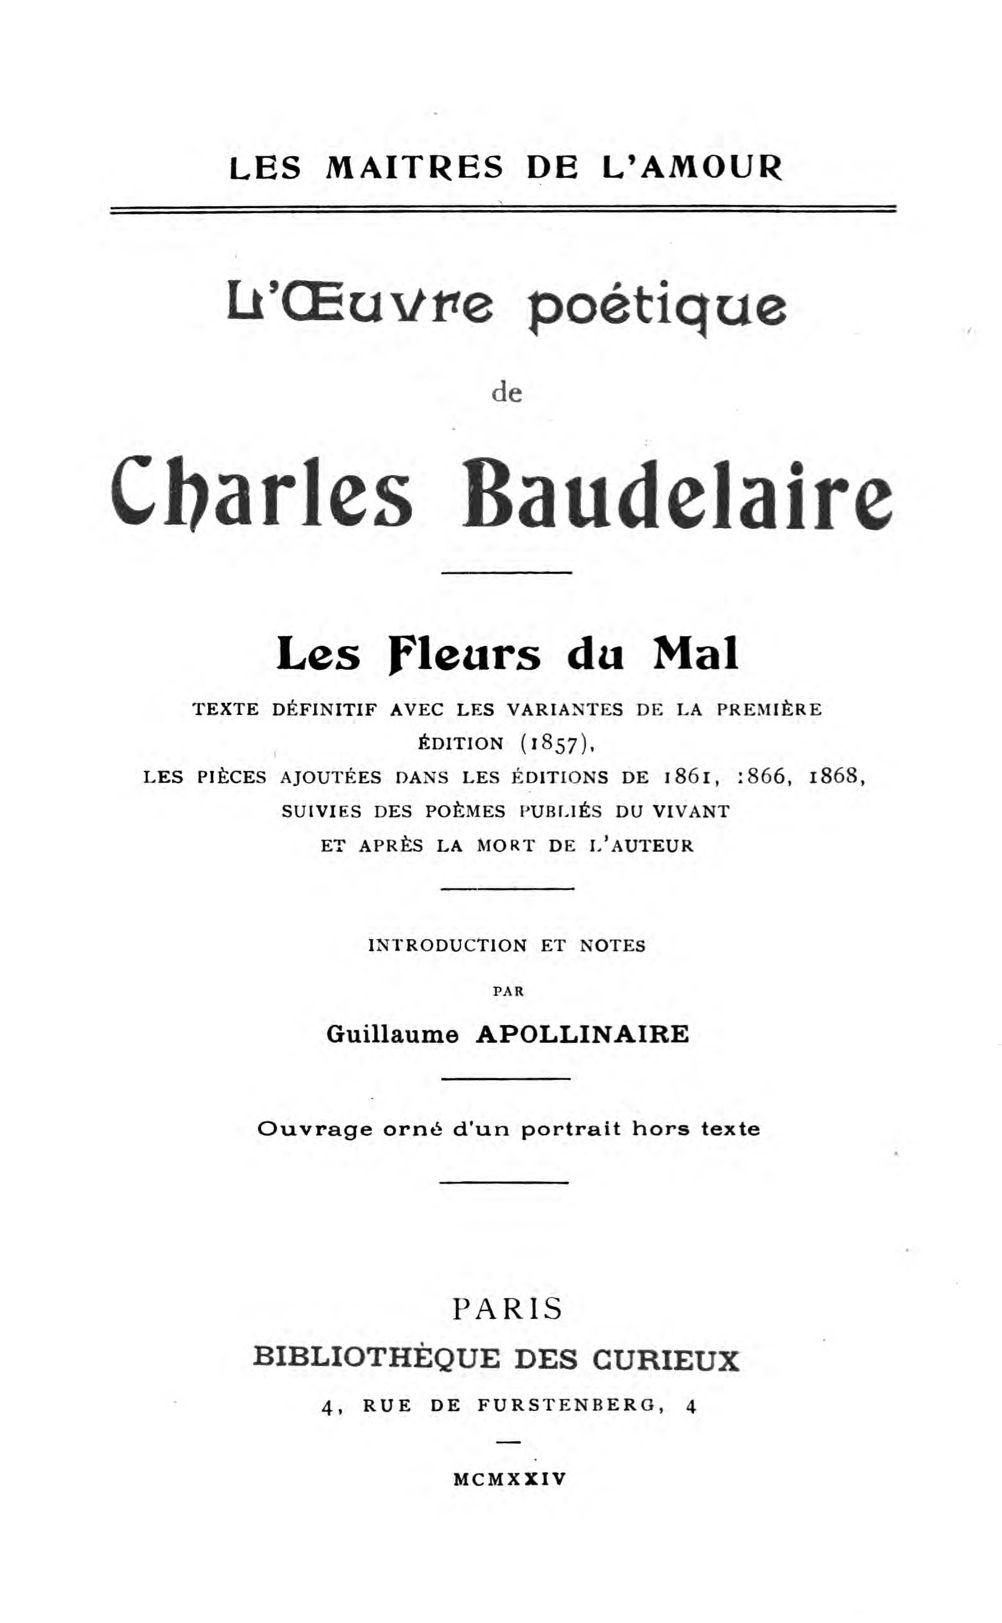 Truc Comment Anéantir Les Ronces : comment, anéantir, ronces, Project, Gutenberg, EBook, L'Oeuvre, Poètique, Charles, Baudelaire,, Baudelaire.